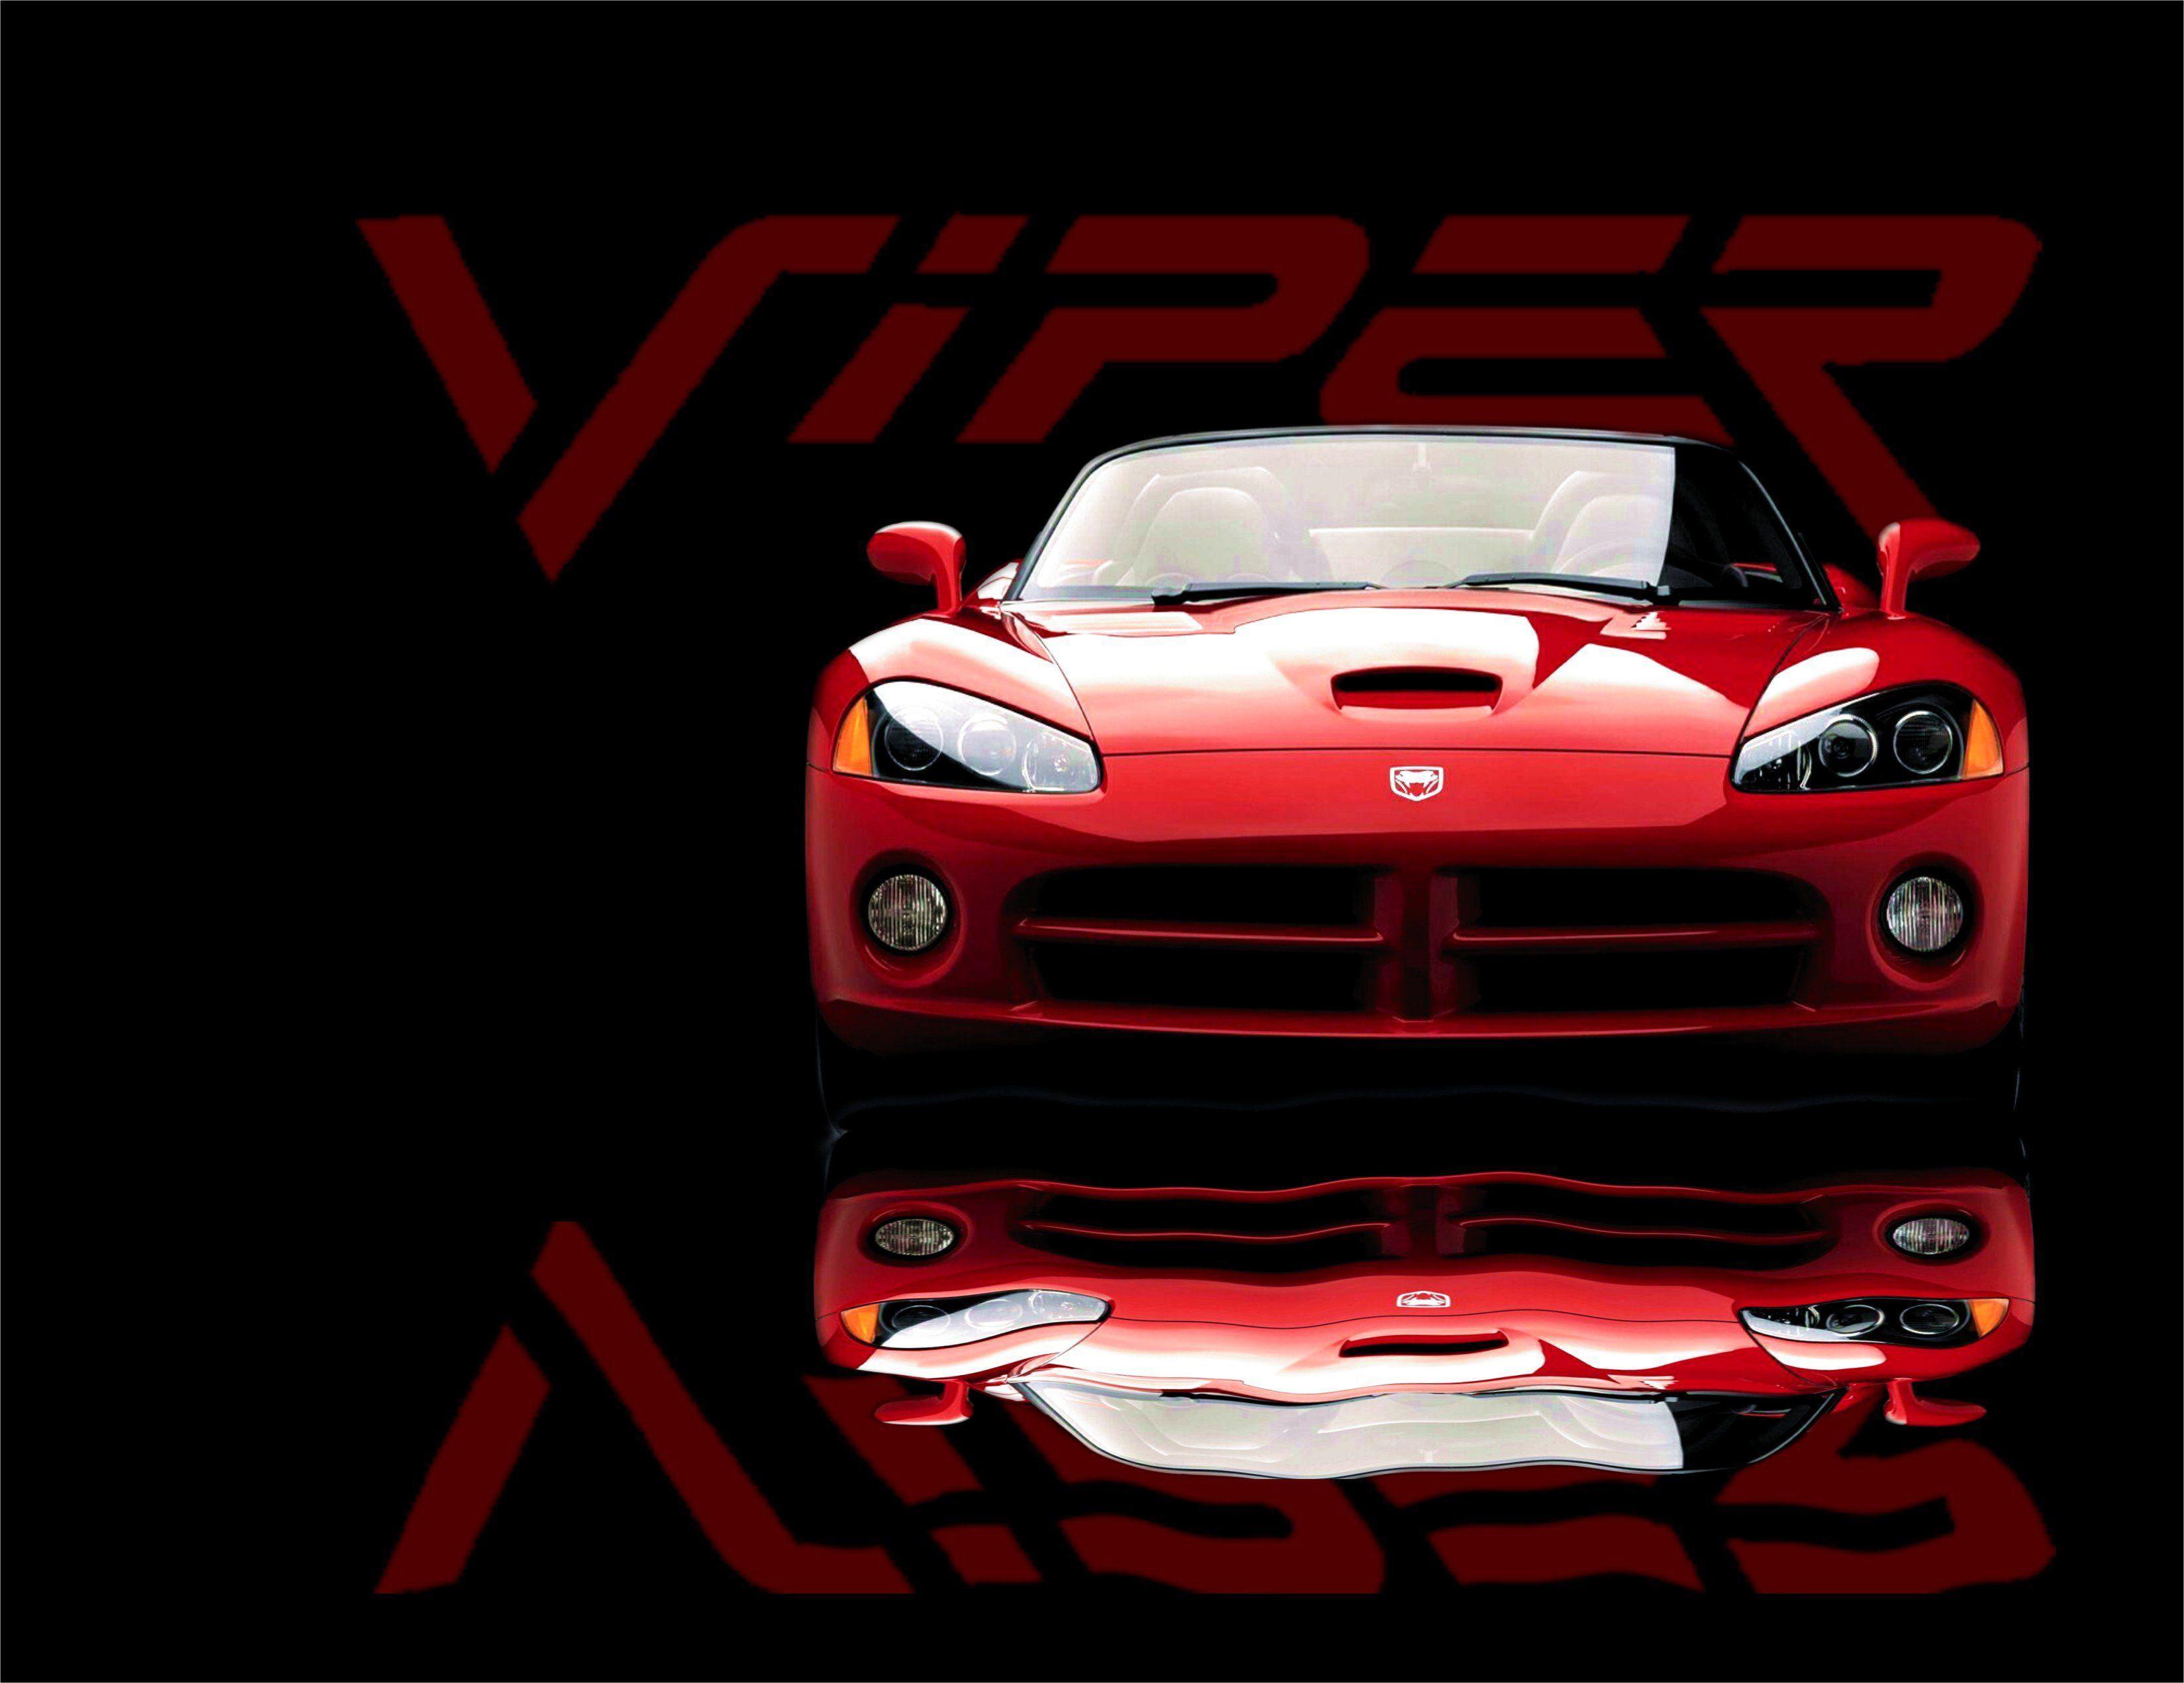 3299x2542 Viper Car Wallpapers